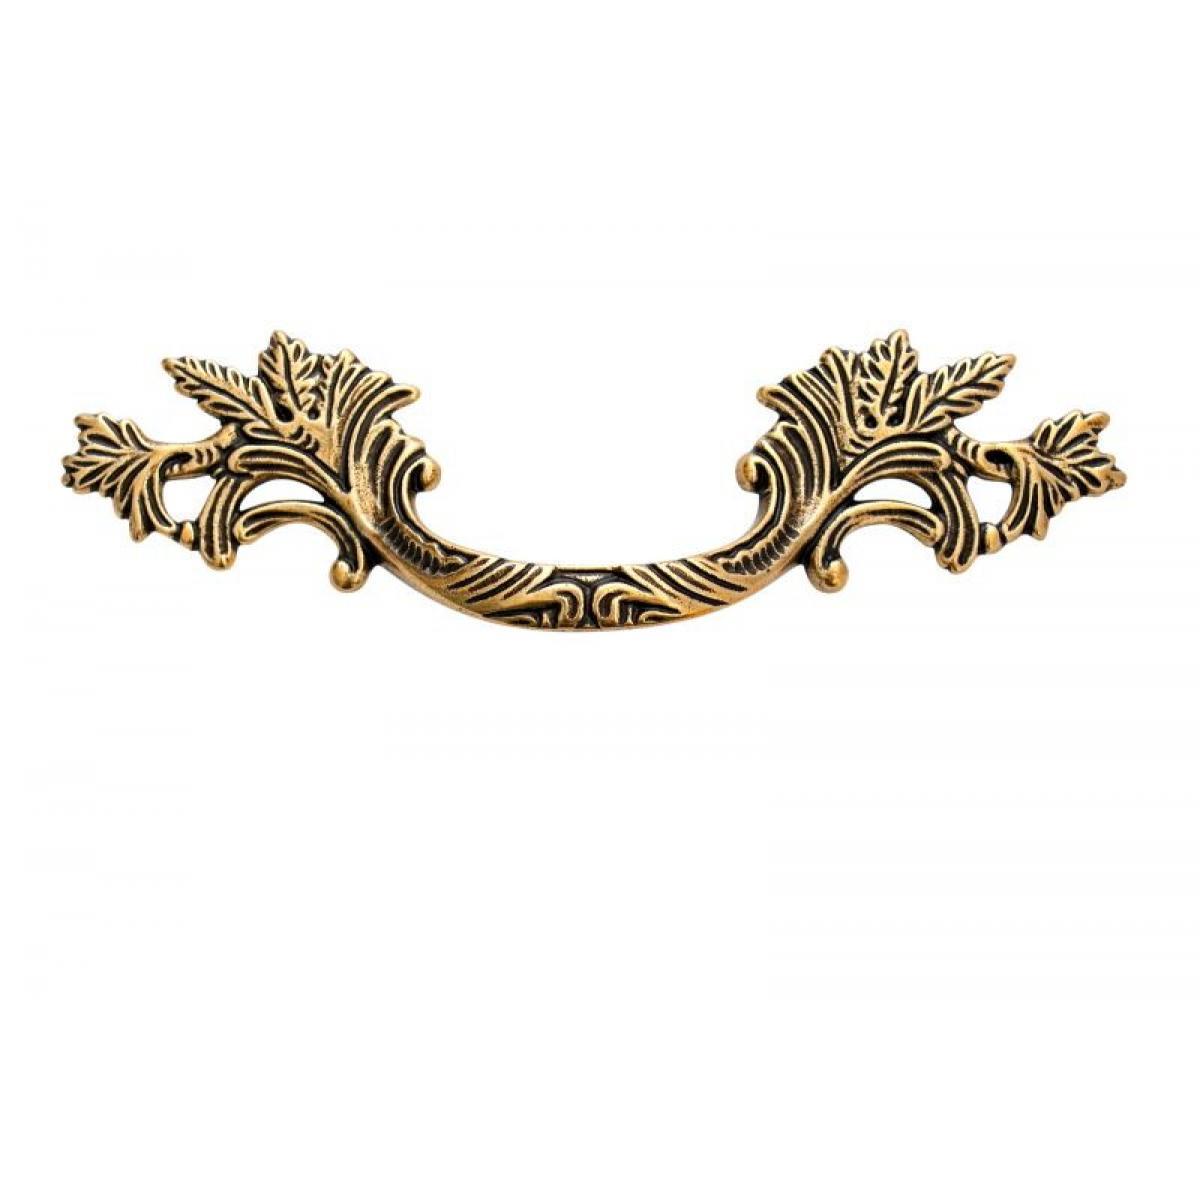 ручка 1339С 0021, Межосевое расстояние для крепления ручки -48мм, покрытие состаренное золото 21